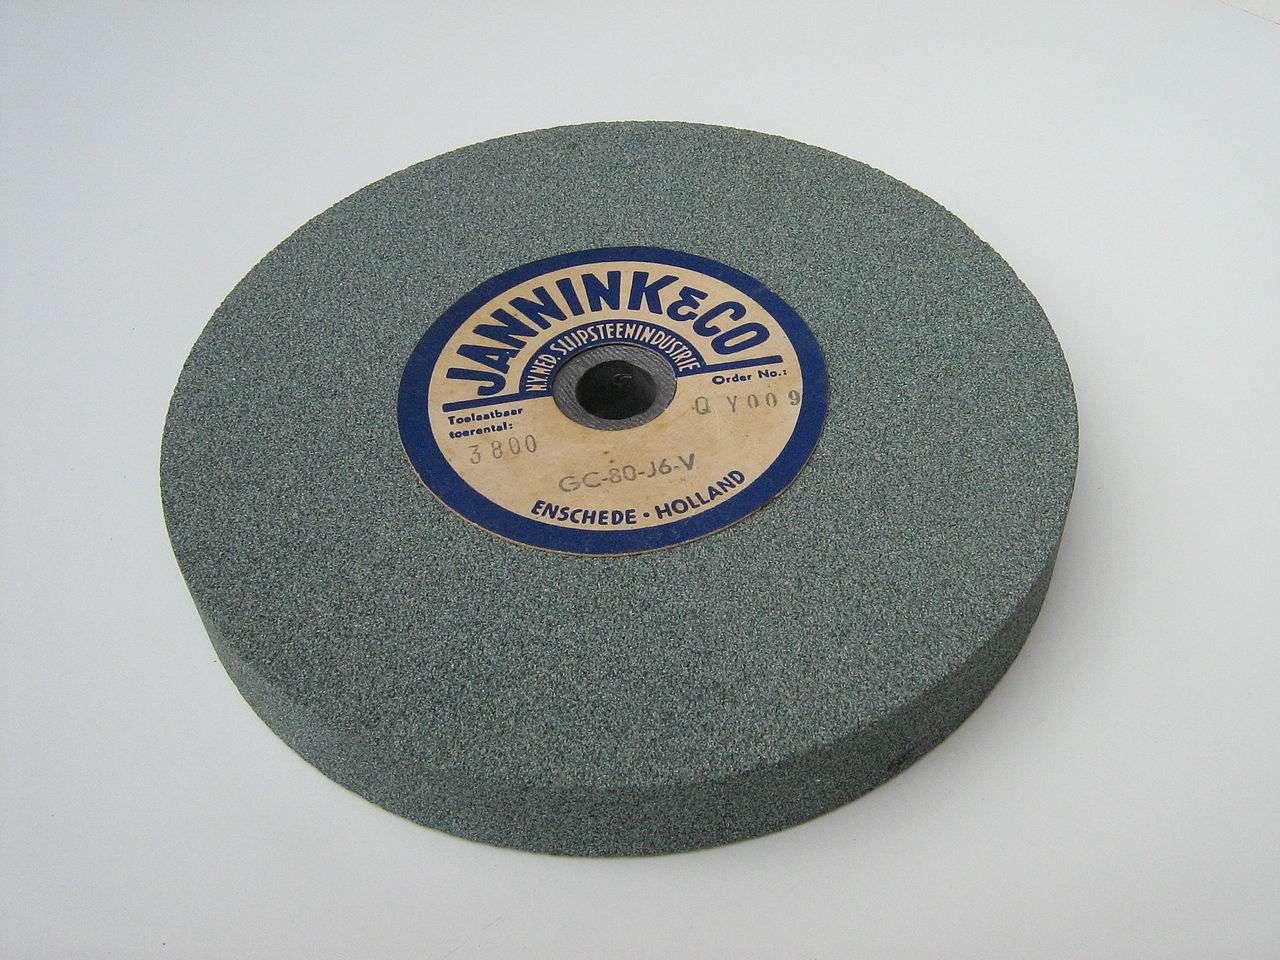 Le nitrure de bore présente une dureté proche de celle du diamant. Il est donc idéal pour de nombreux outils comme les meules. © Johan, Wikimedia Commons, GNU 1.2